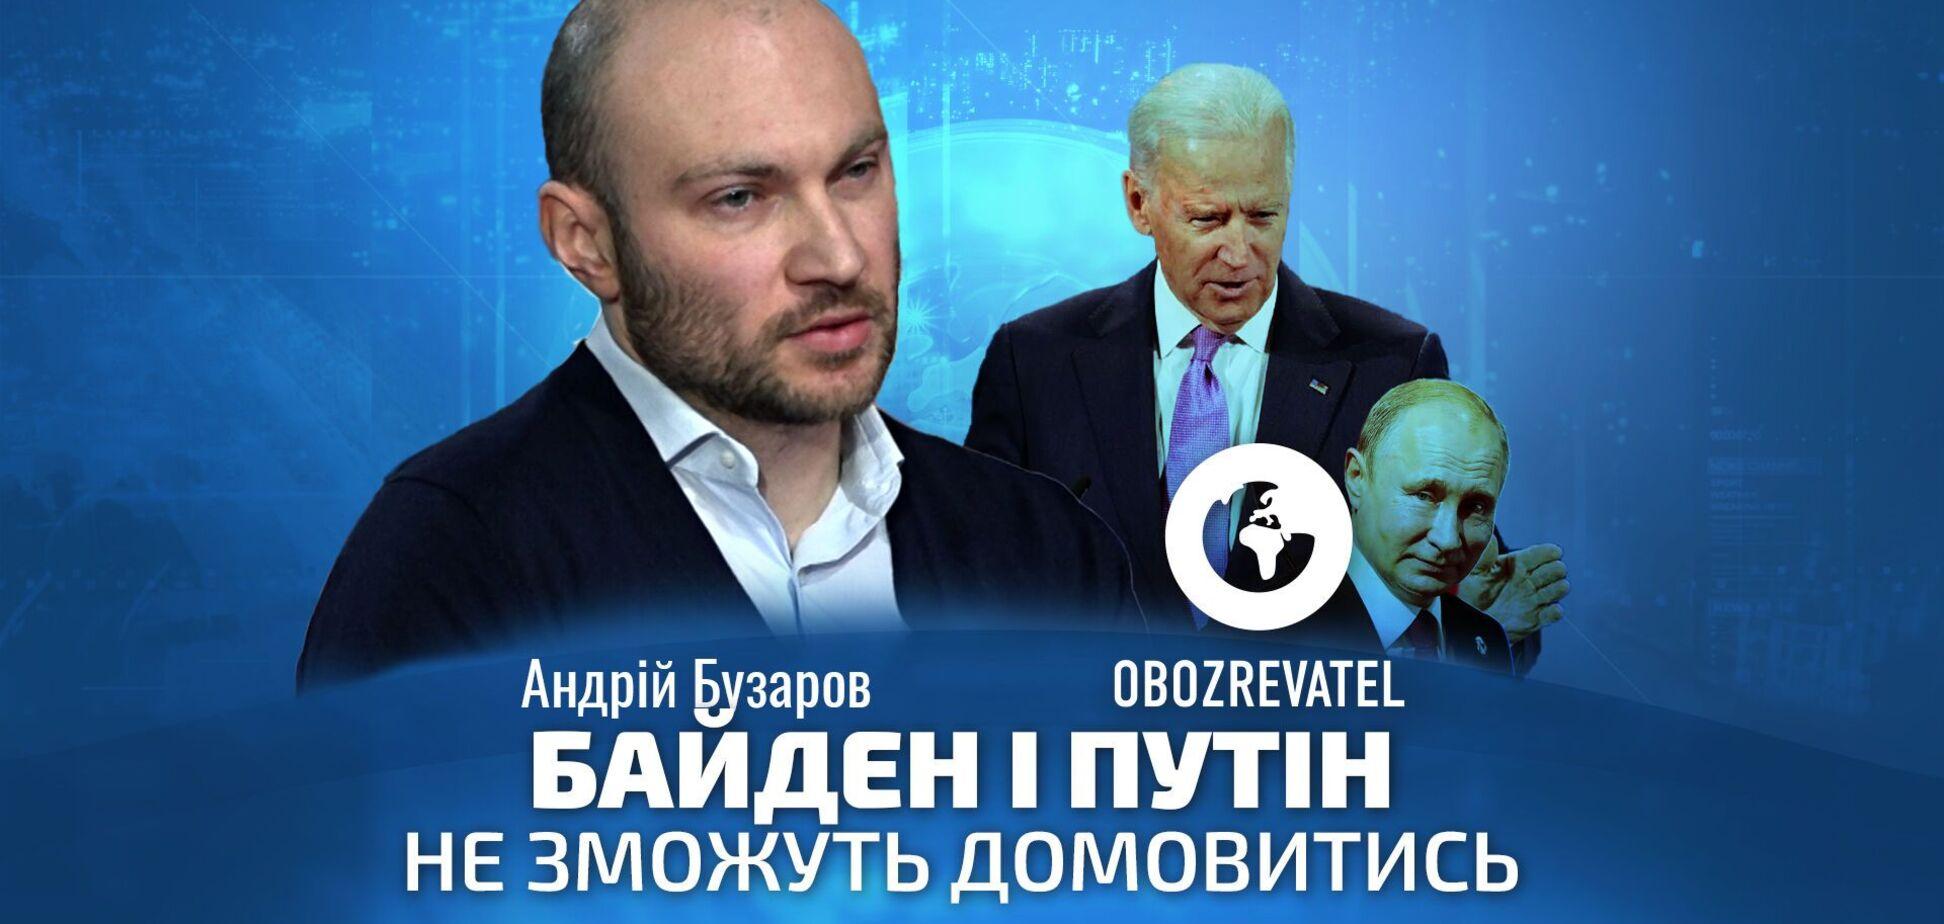 Байден и Путин не договорятся, – Бузаров